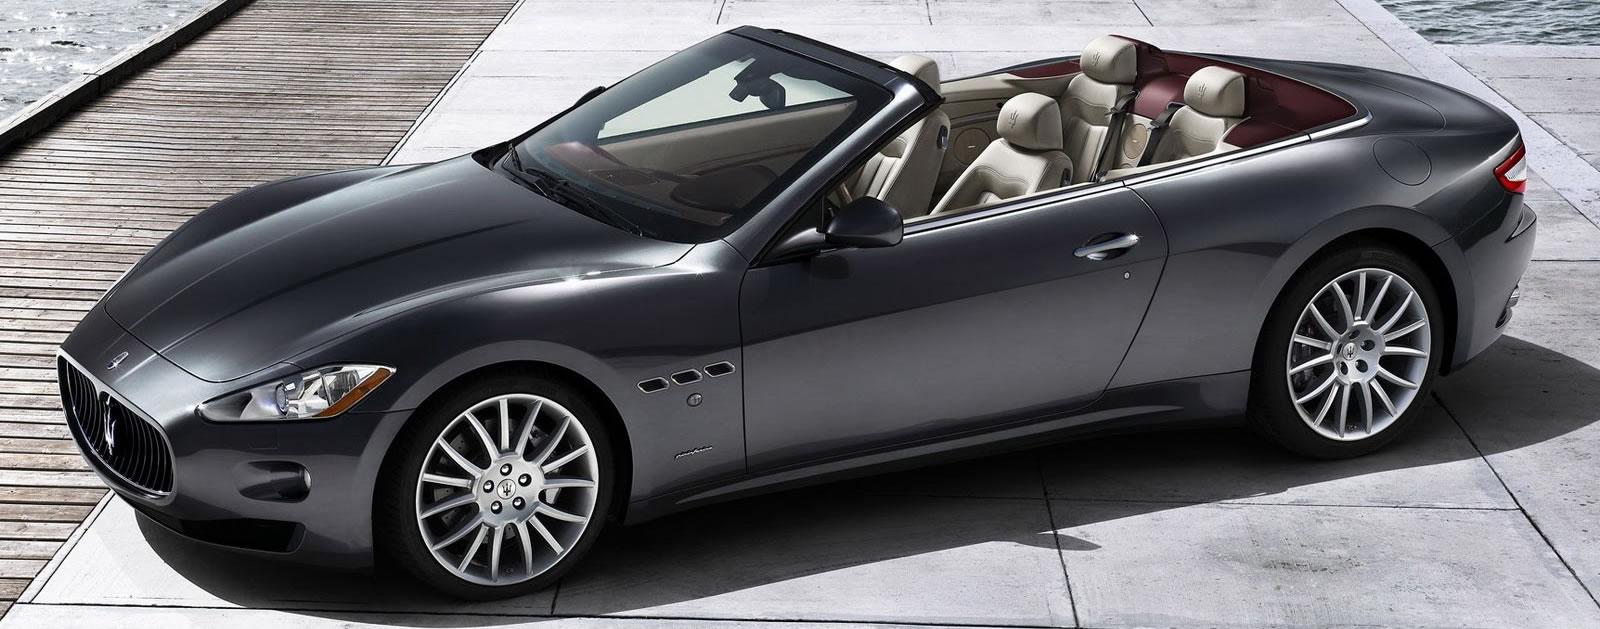 hire Maserati-Grancabrio